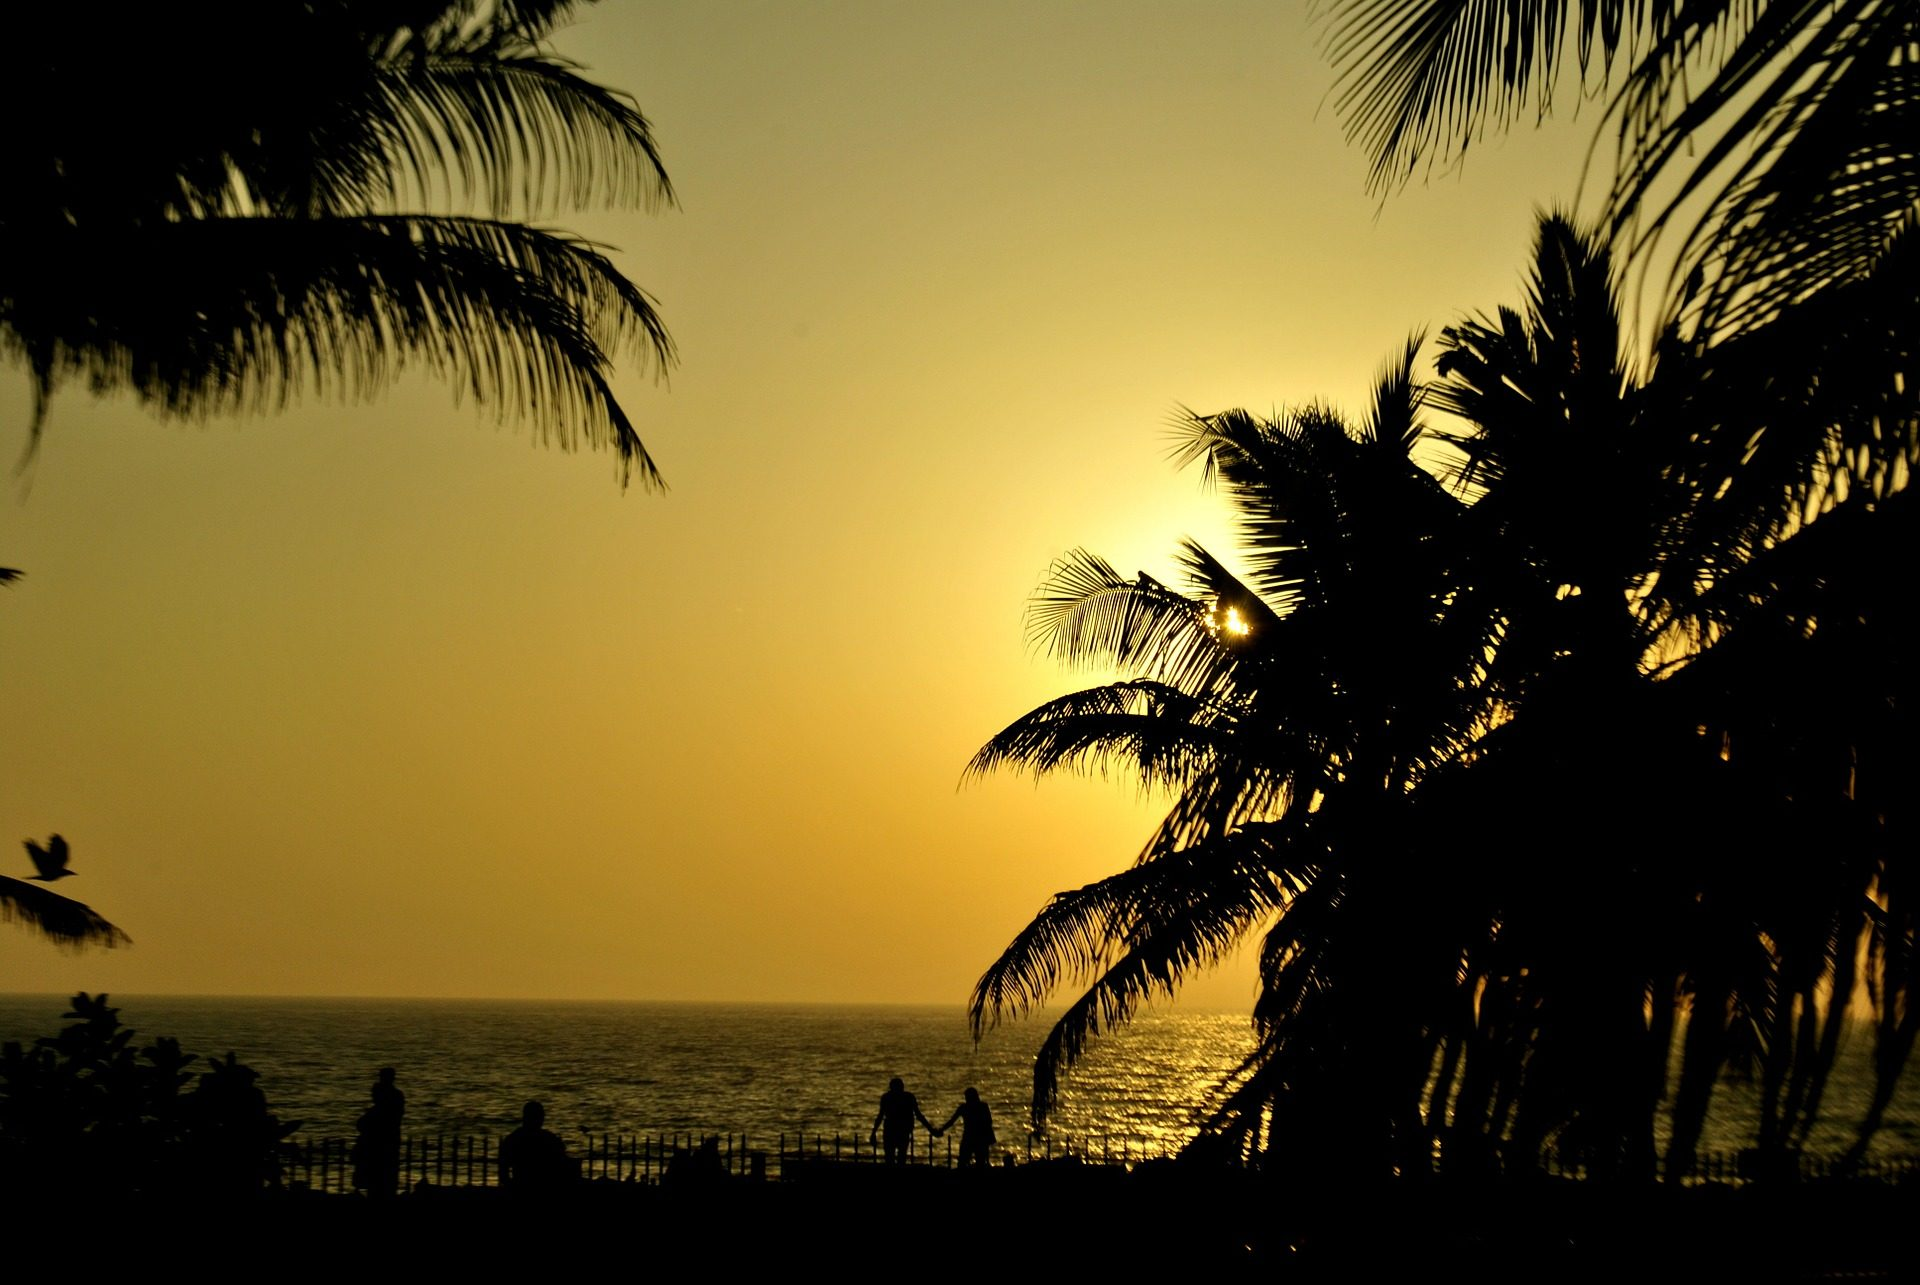 Море, Океан, Пальмы, Закат, силуэты, люди - Обои HD - Профессор falken.com